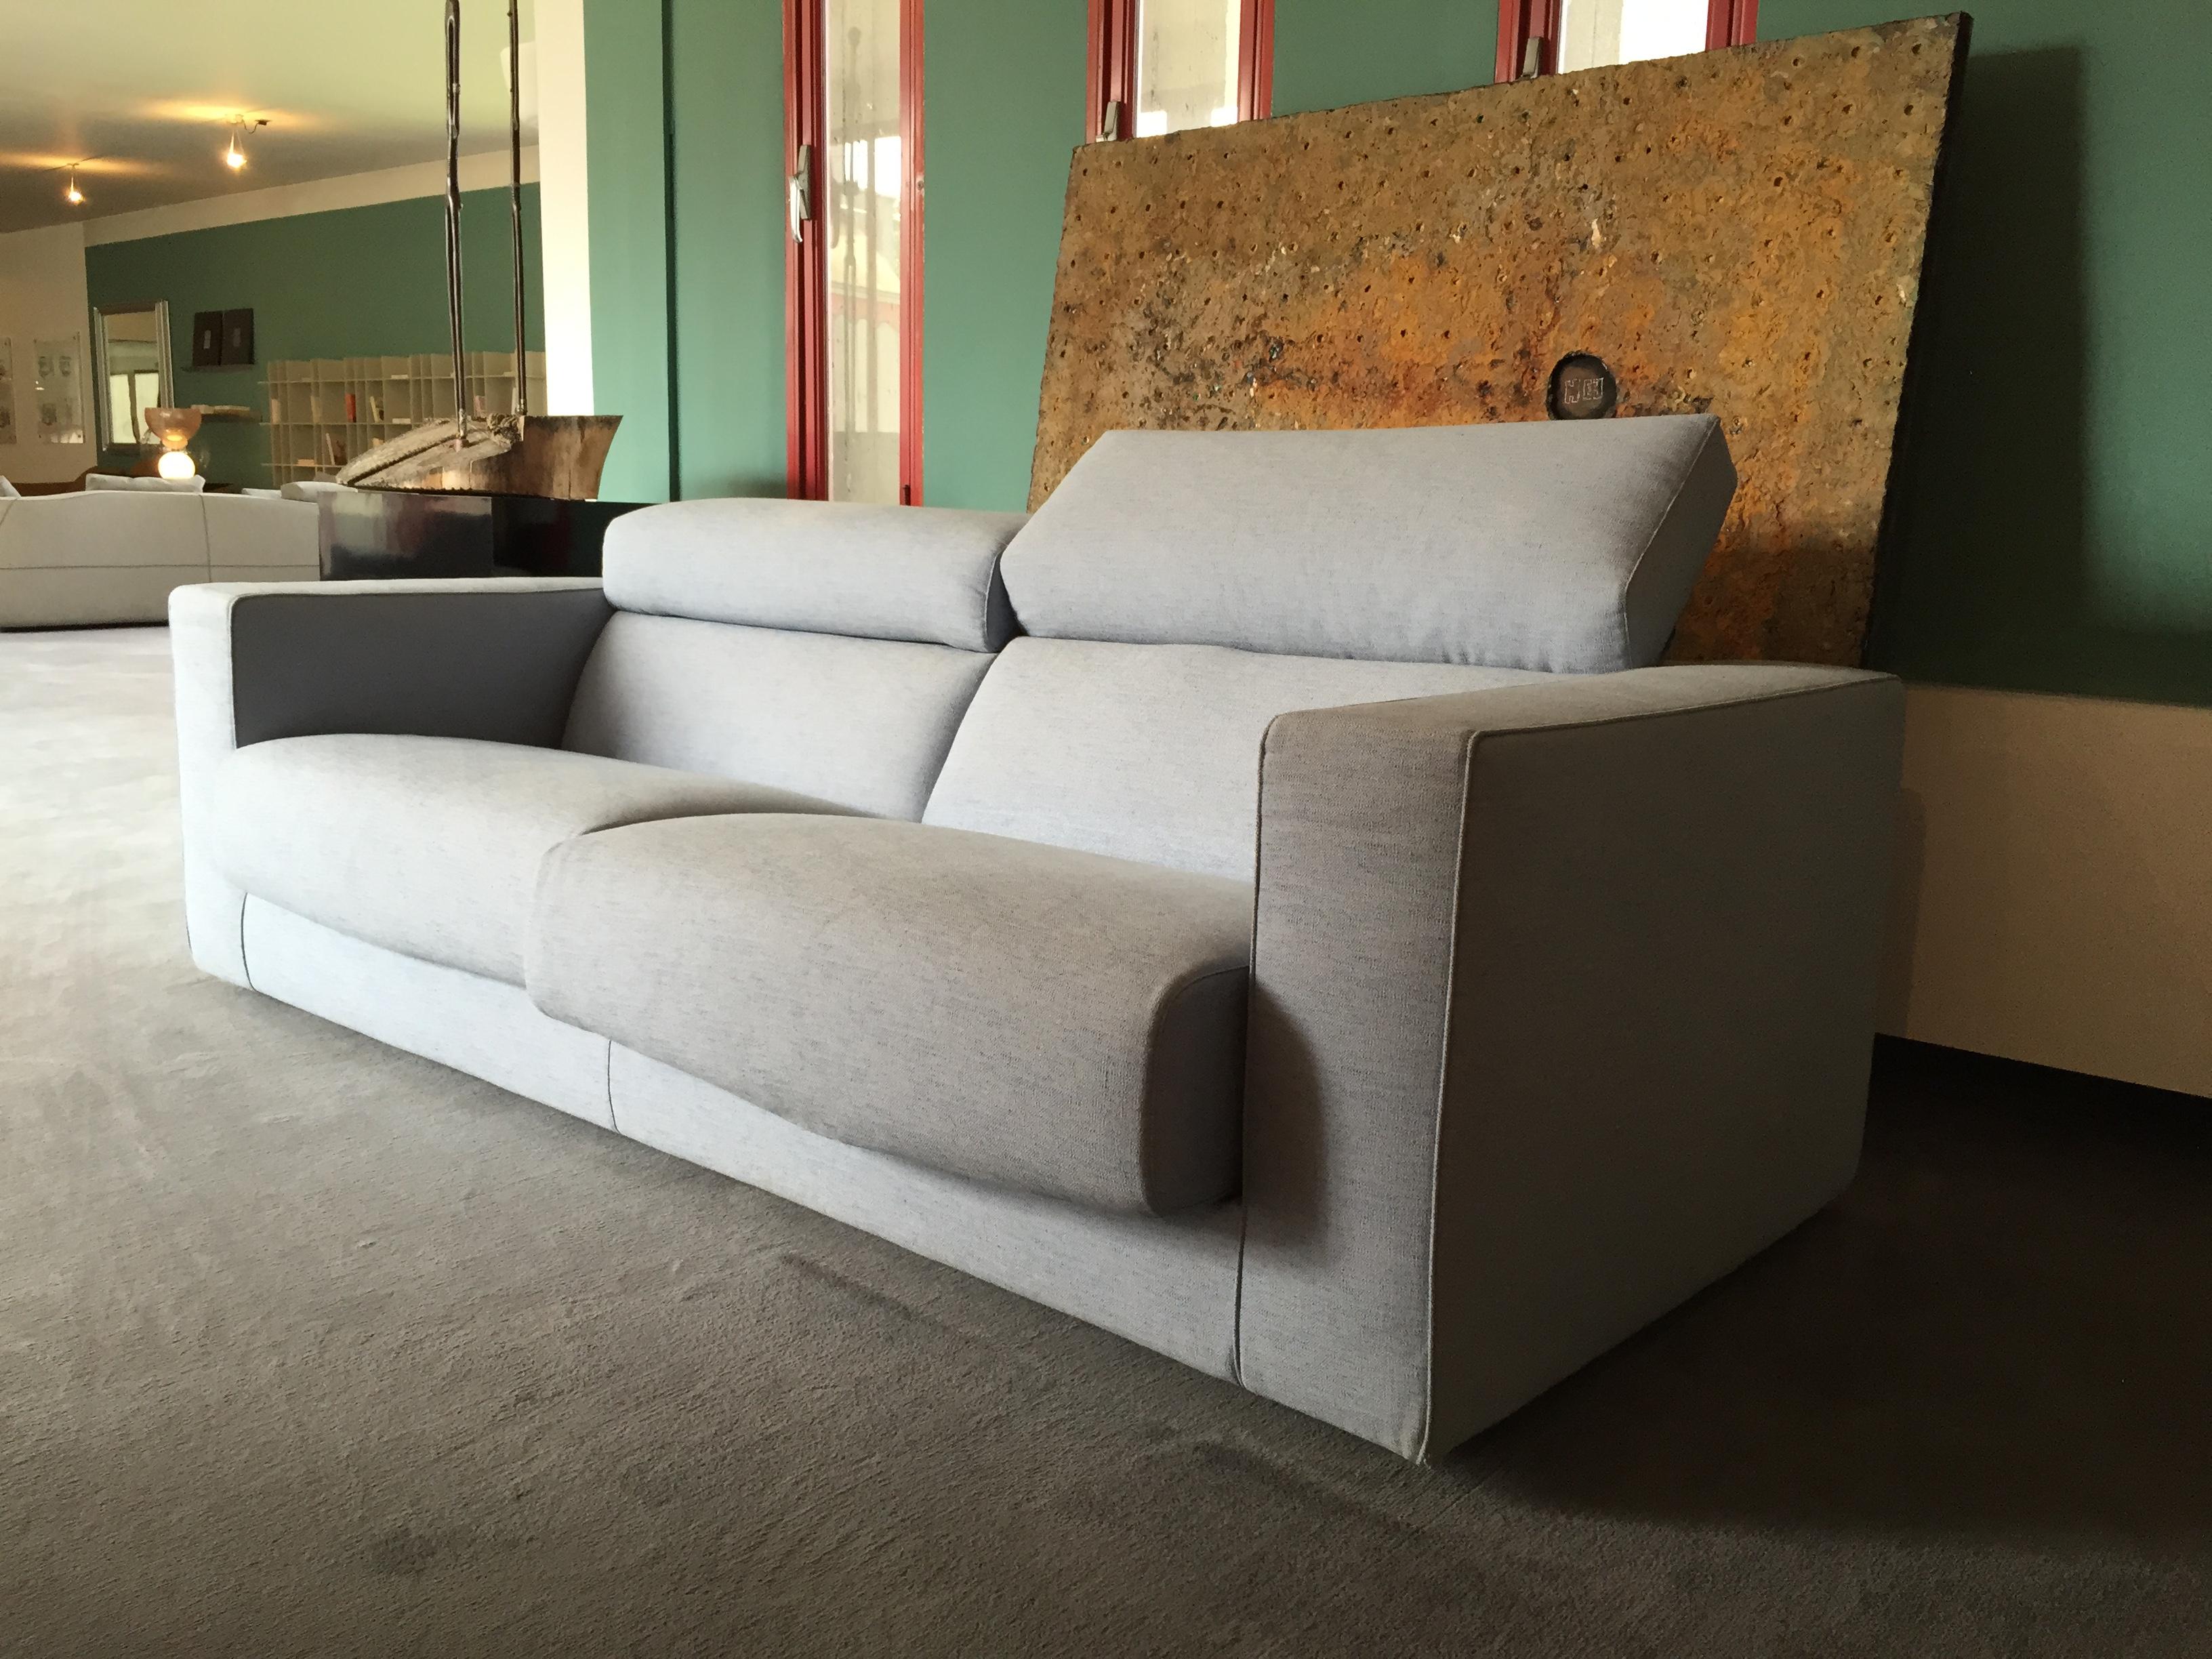 Busnelli g i ugo divano arredamenti villa for Busnelli arredamenti